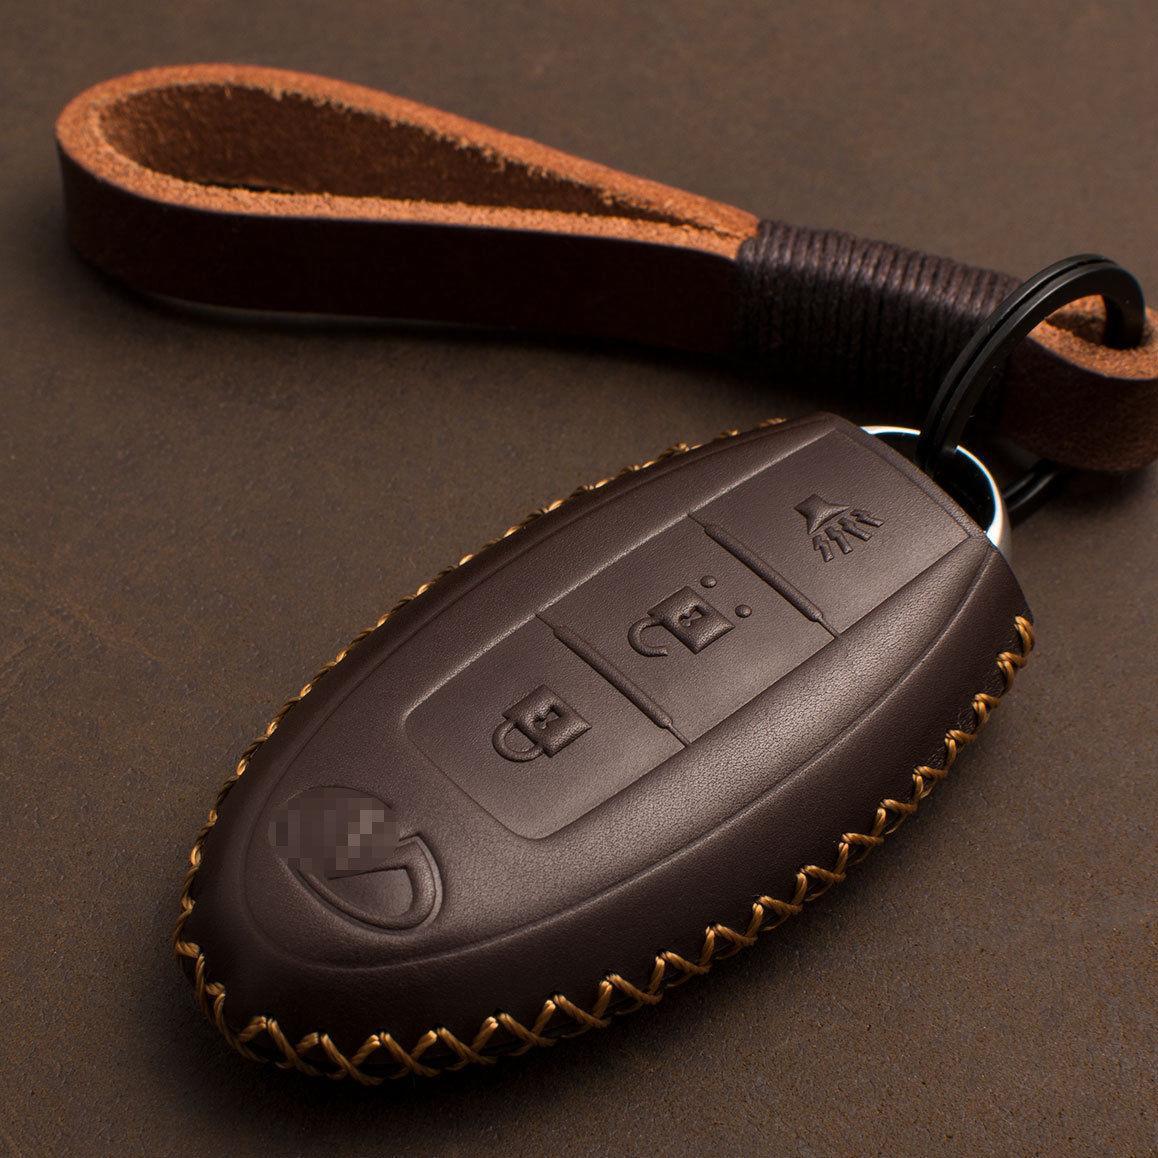 Кожаный чехол для ключа Infiniti Q30/50/60/70,QX30/50/60/70/80 EX FX 35/37/45